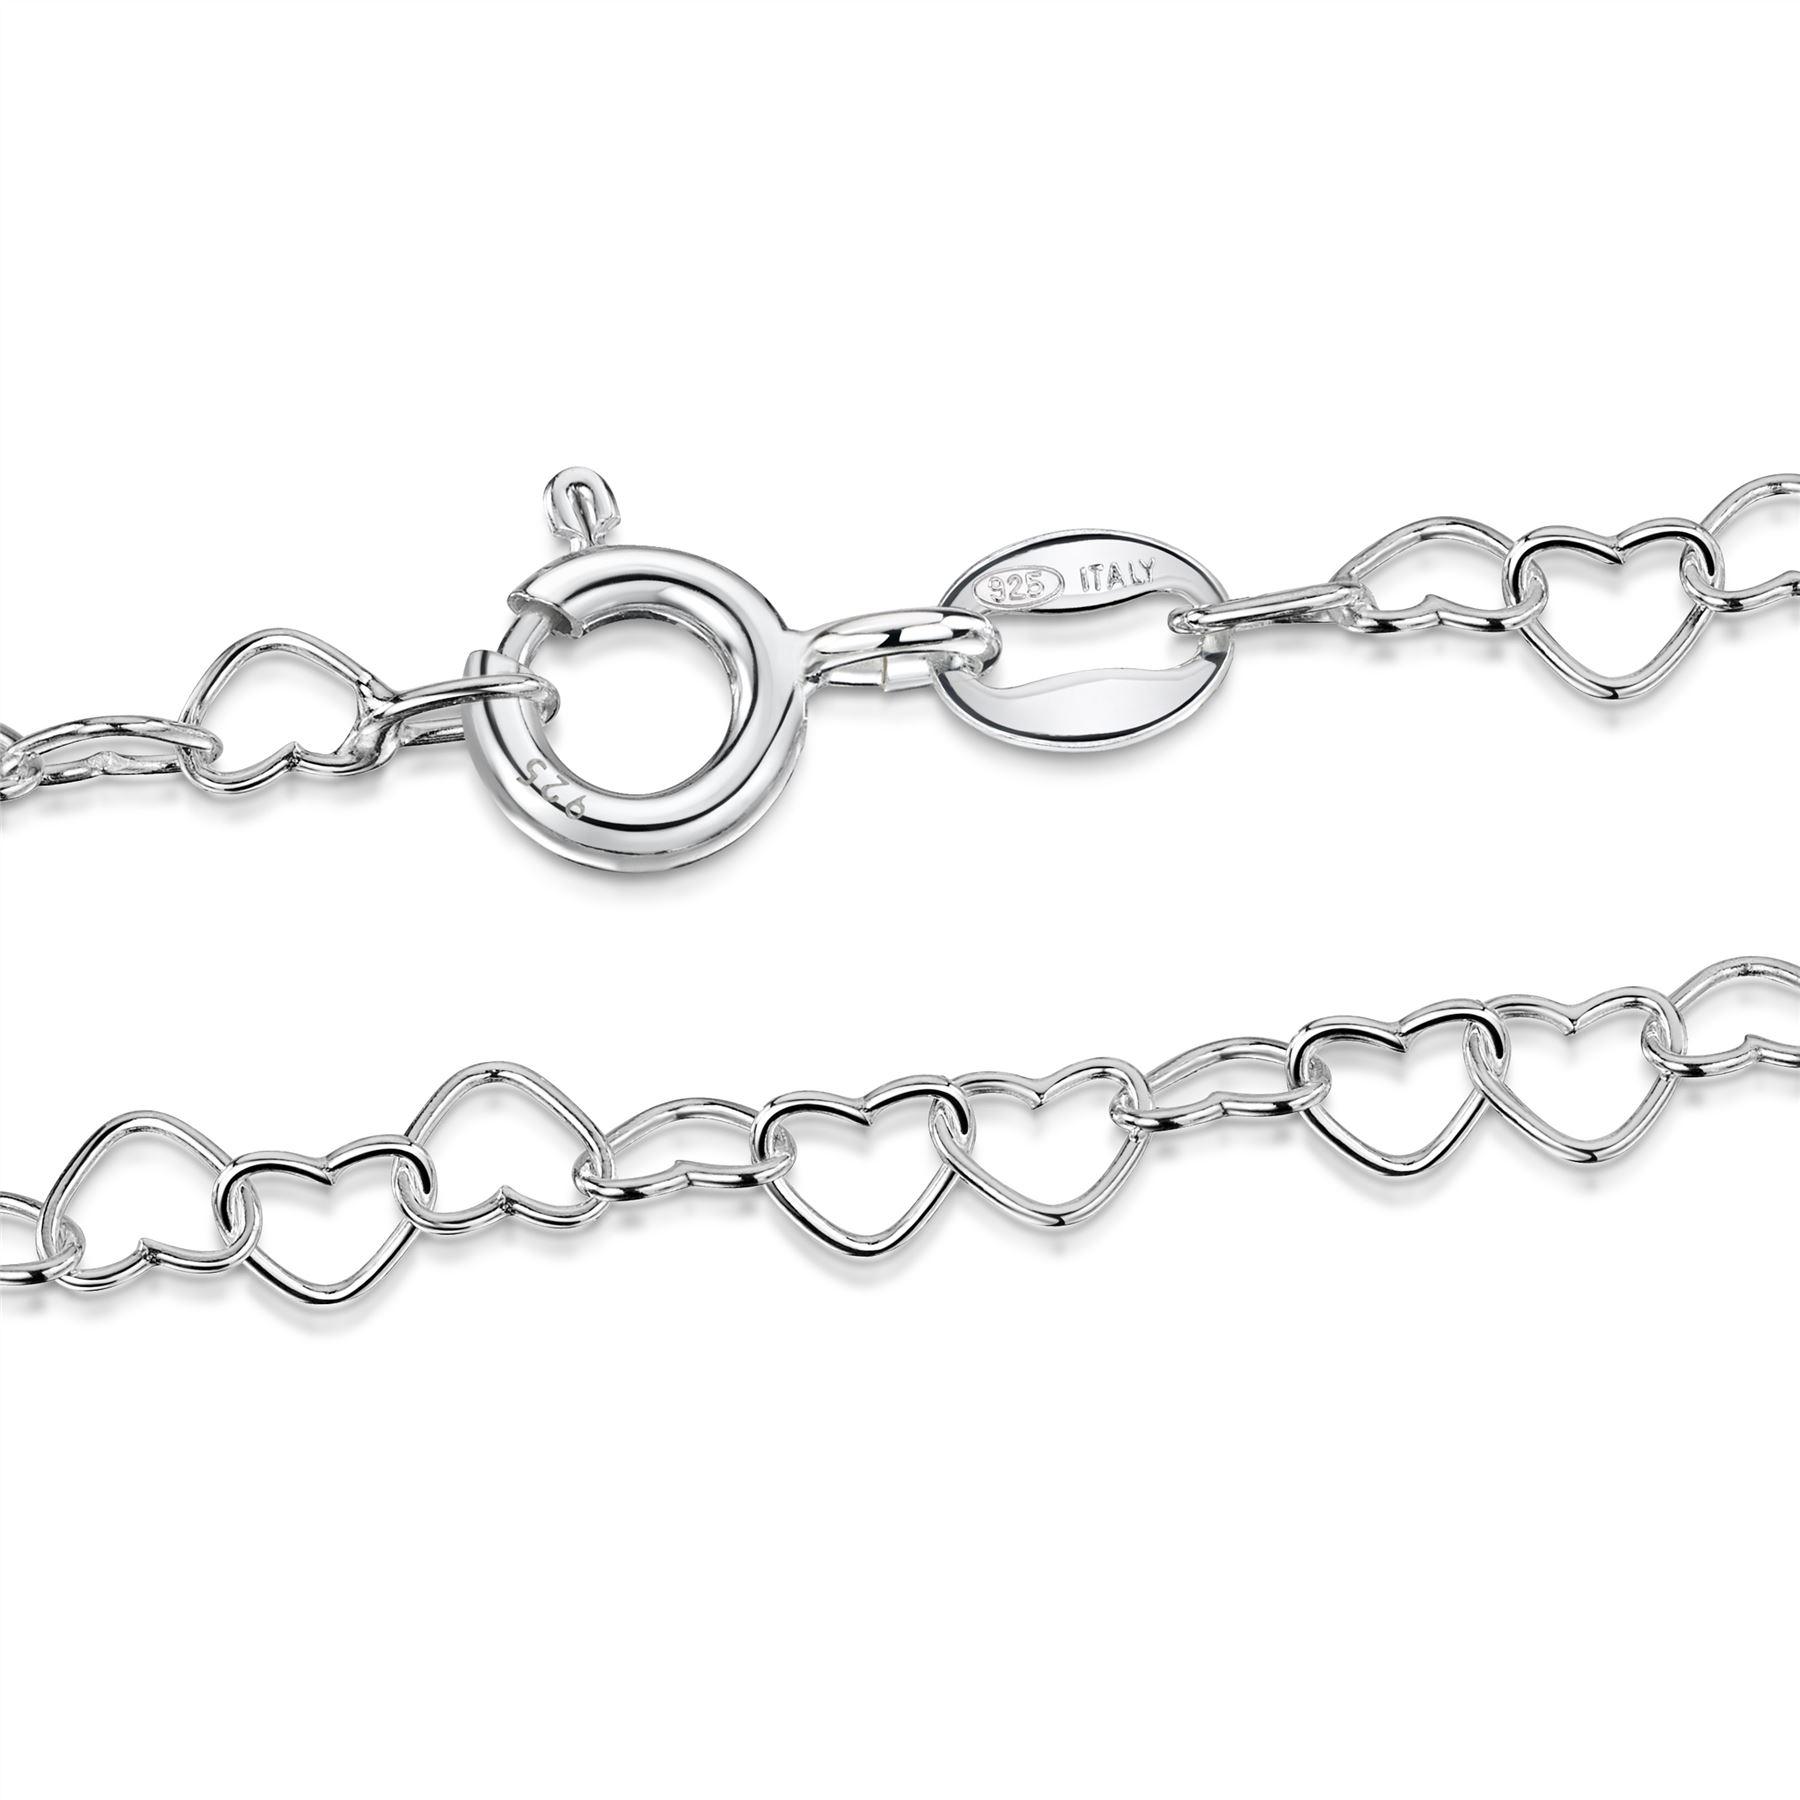 Amberta-Bijoux-Bracelet-en-Vrai-Argent-Sterling-925-Chaine-pour-Femme-a-la-Mode thumbnail 75